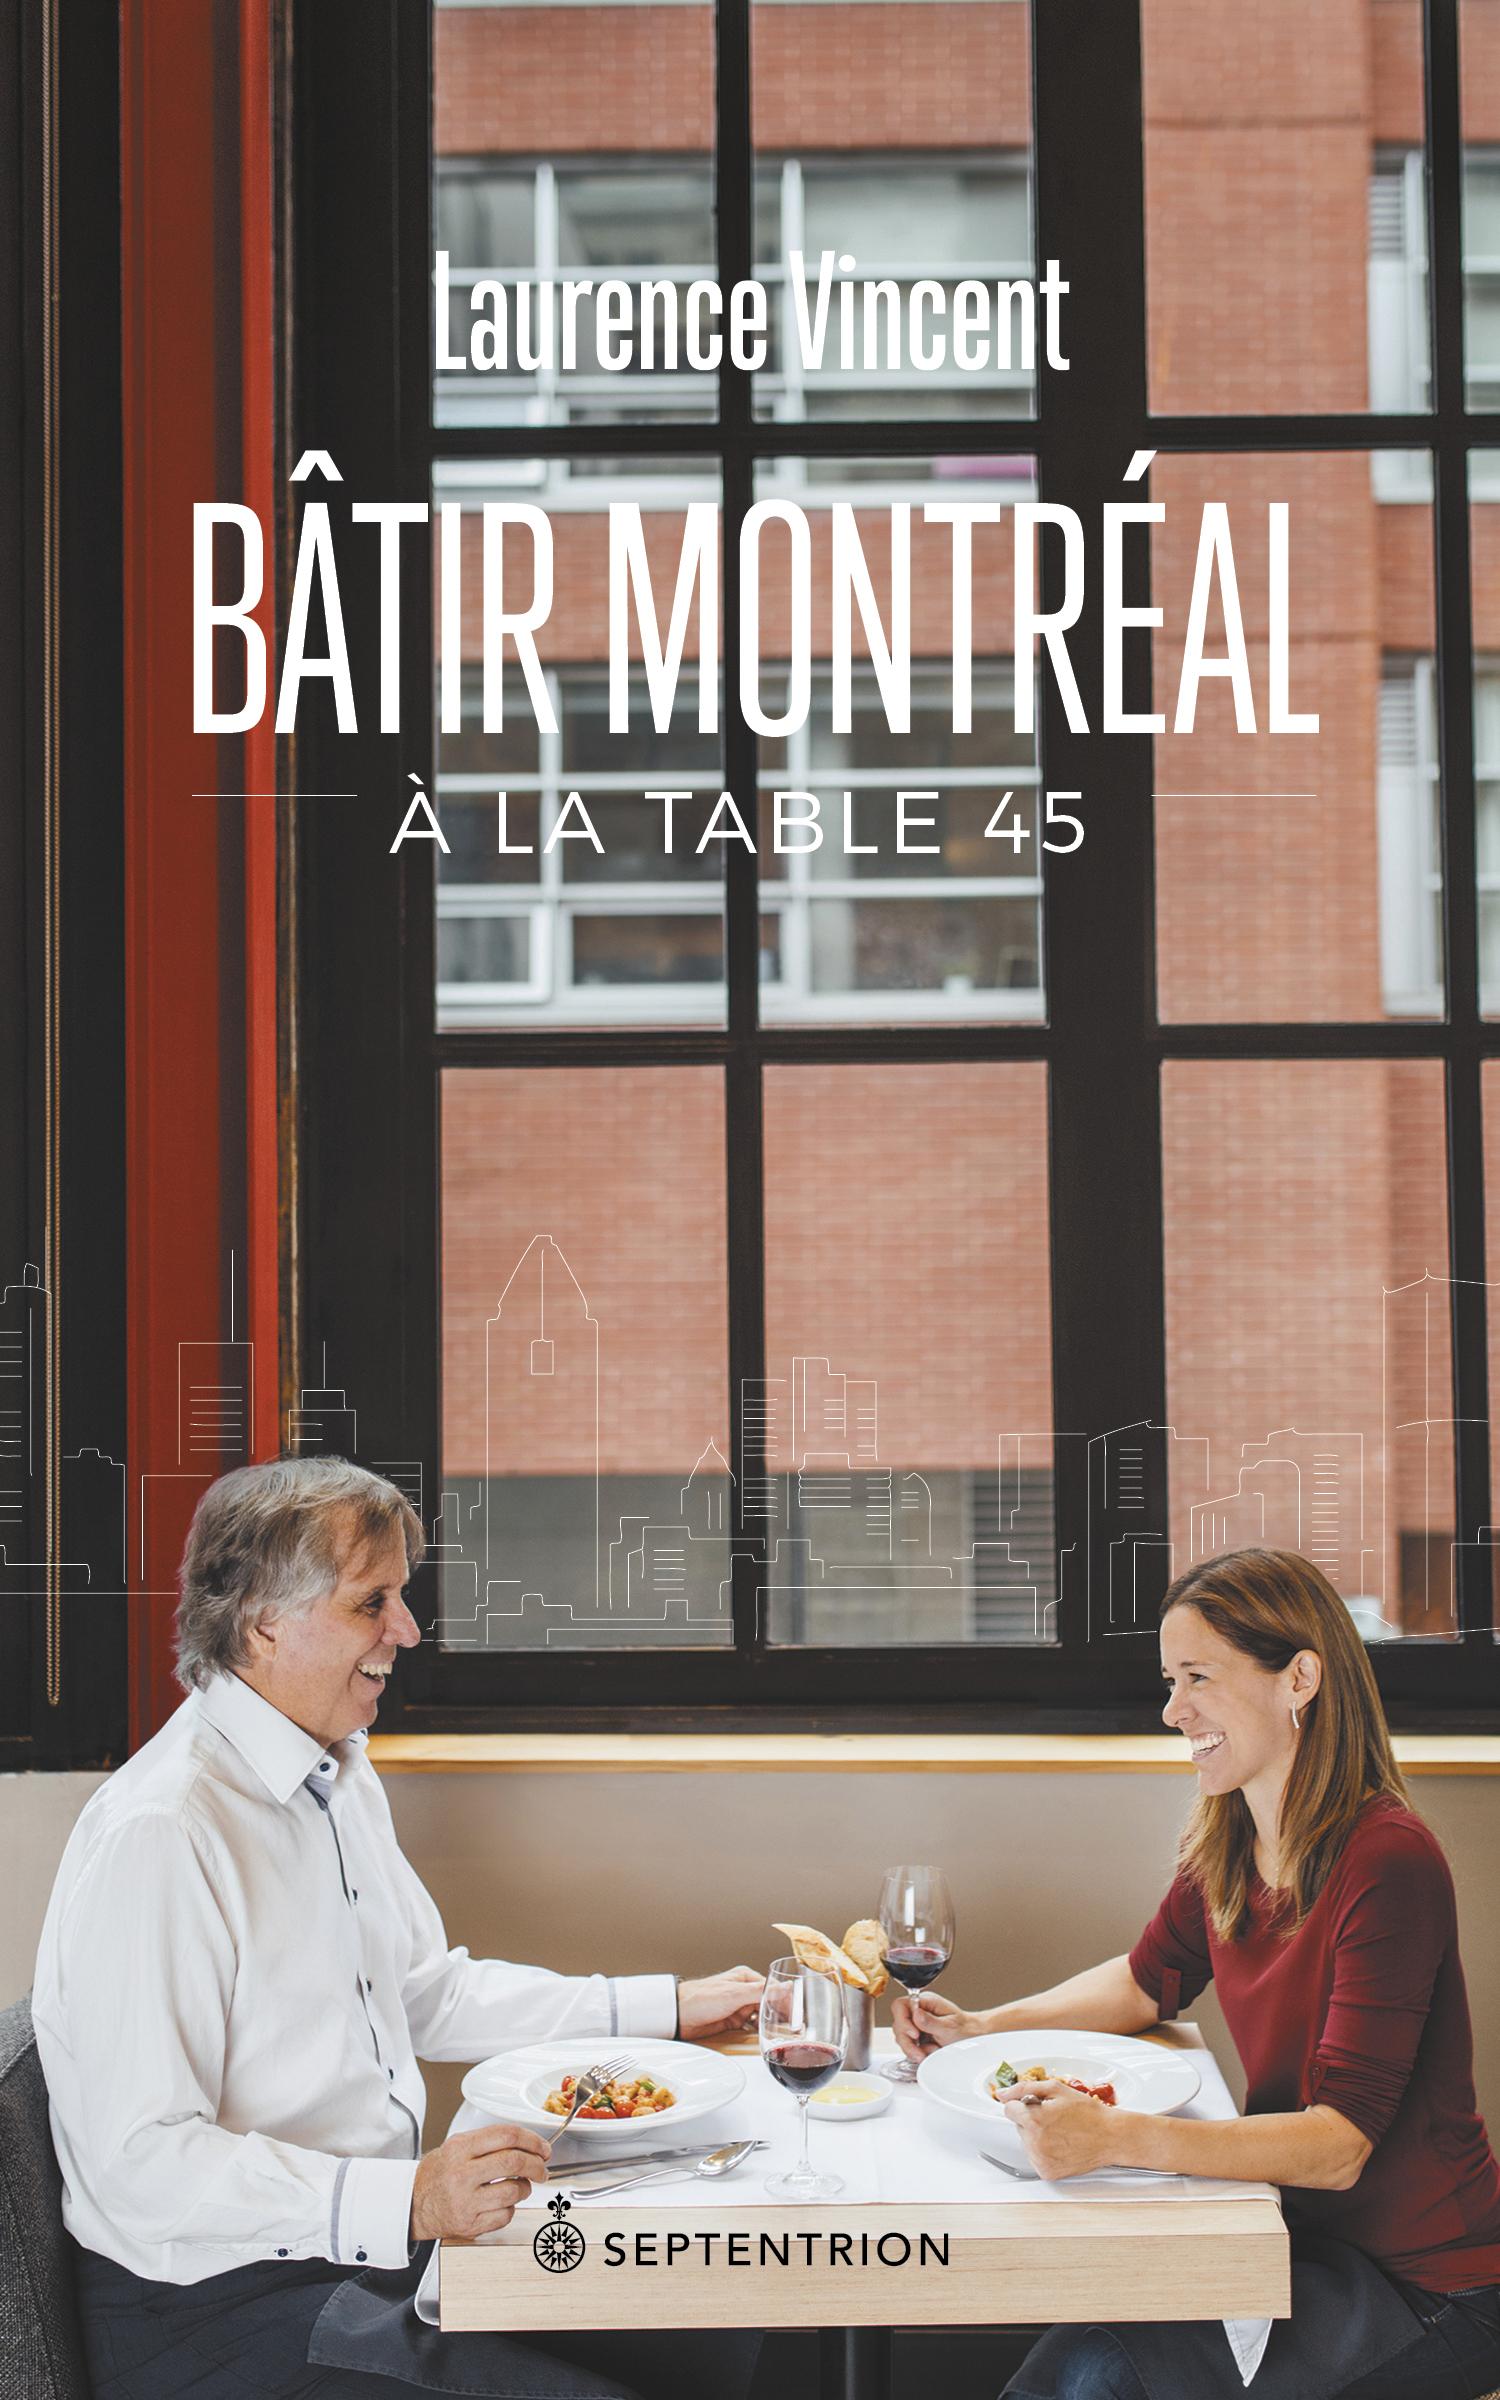 Bâtir Montréal à la table 45